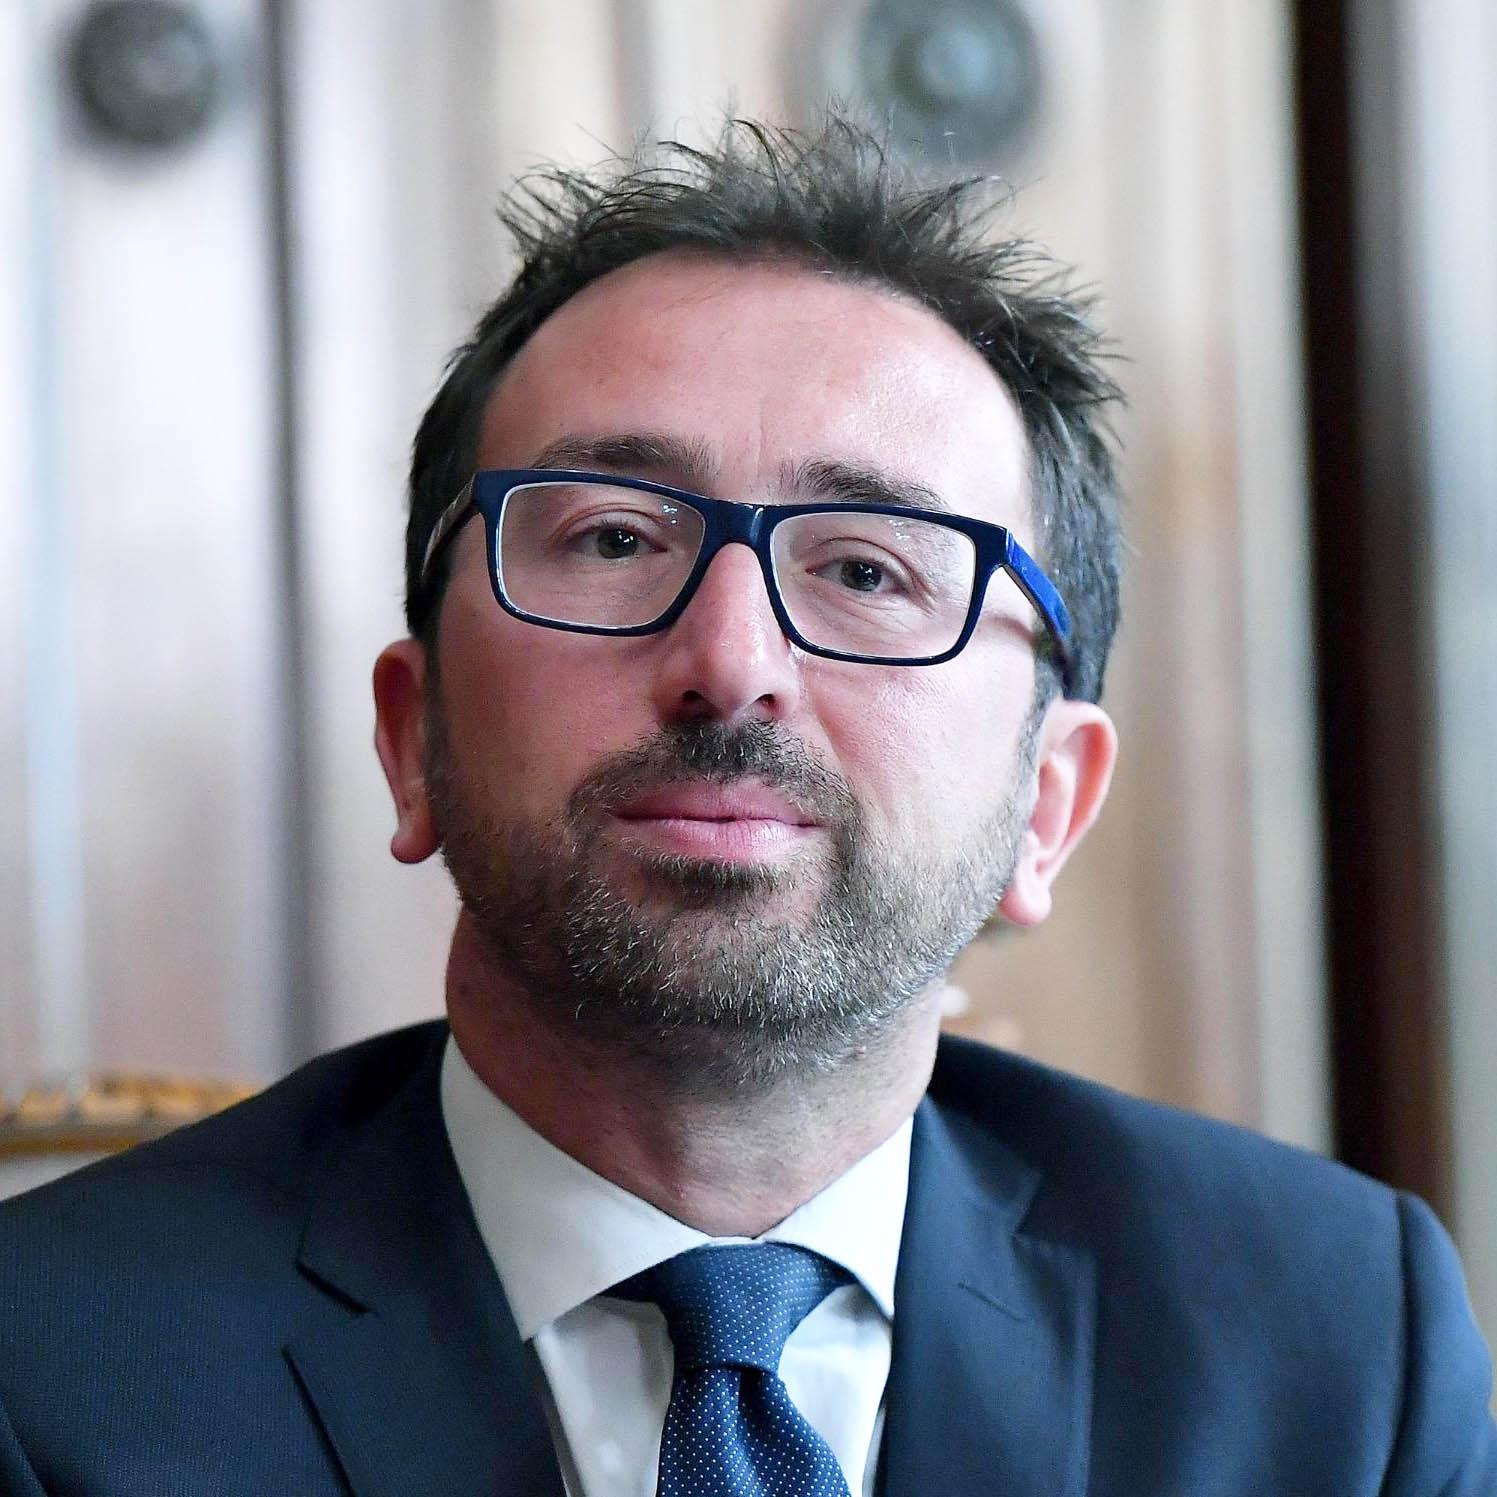 Il Ministro della Giustizia Alfonso Bonafede sarà in audizione della  Commissione antimafia giovedì 21 maggio alle 13